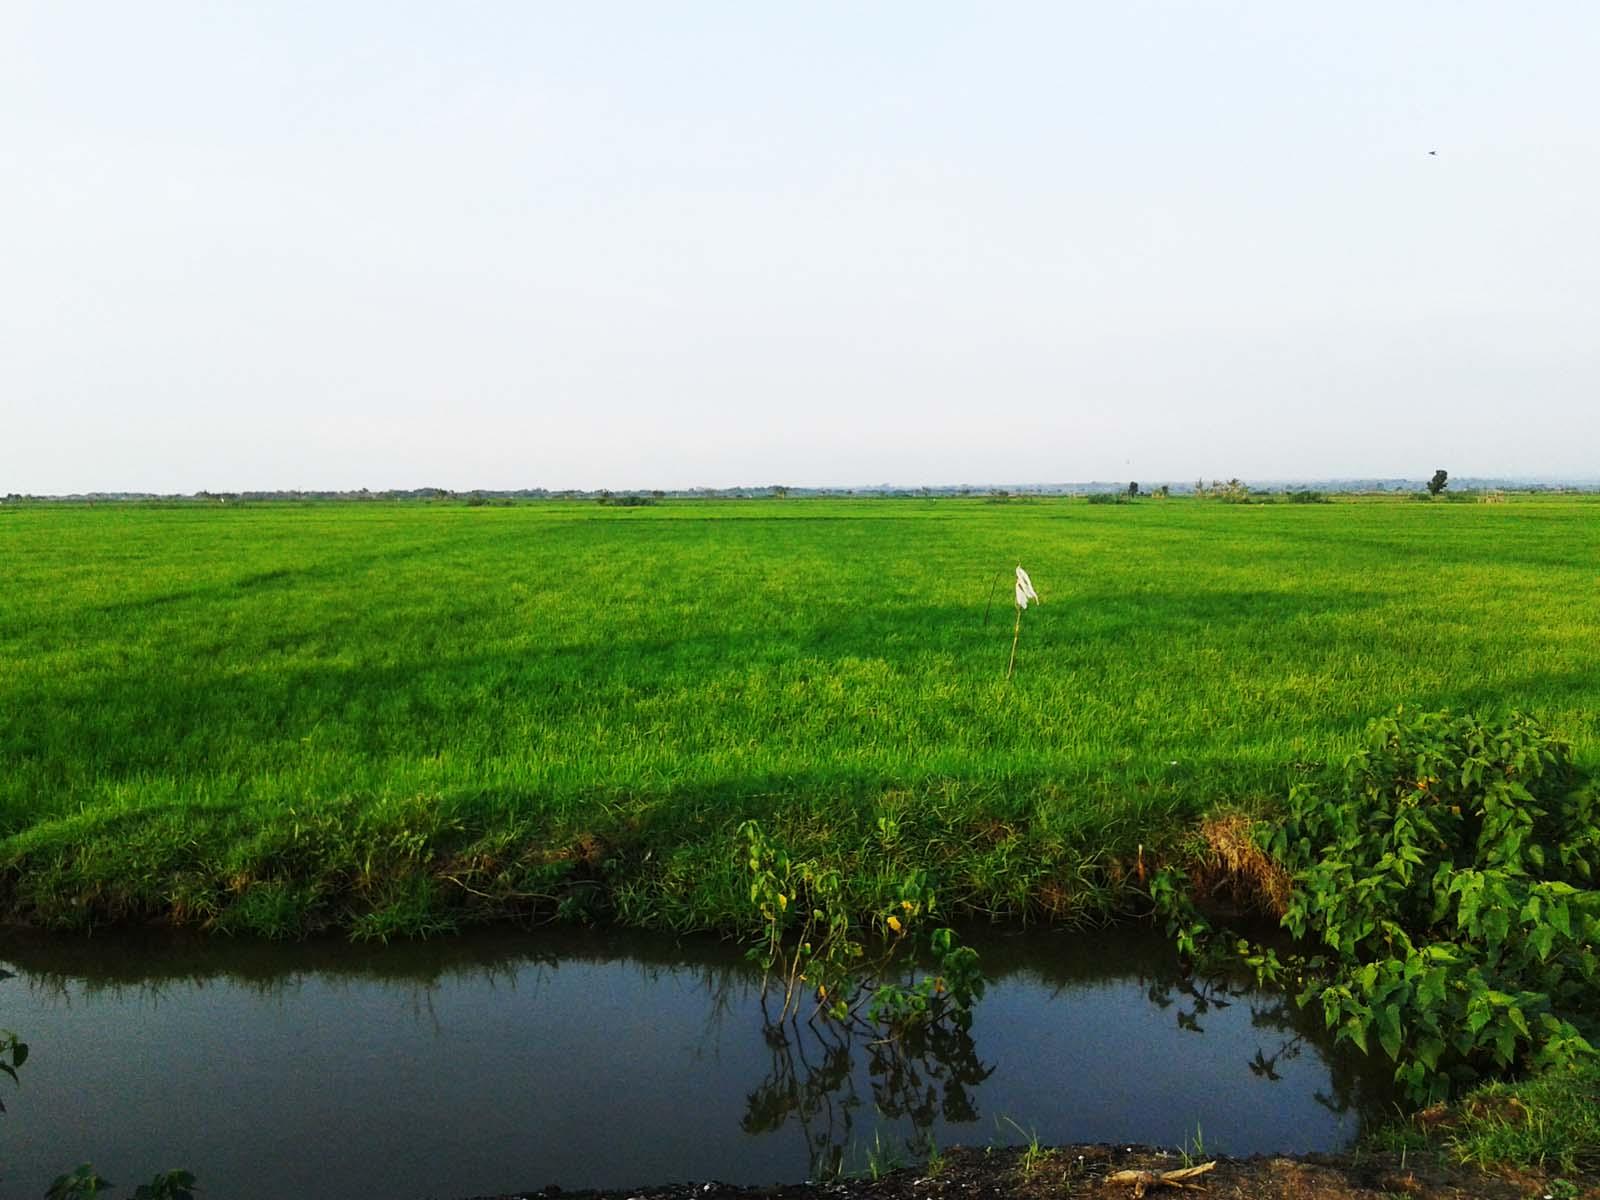 Desa Karangaji Lahan Pertaniannya Masih Potensial Ditanami Padi